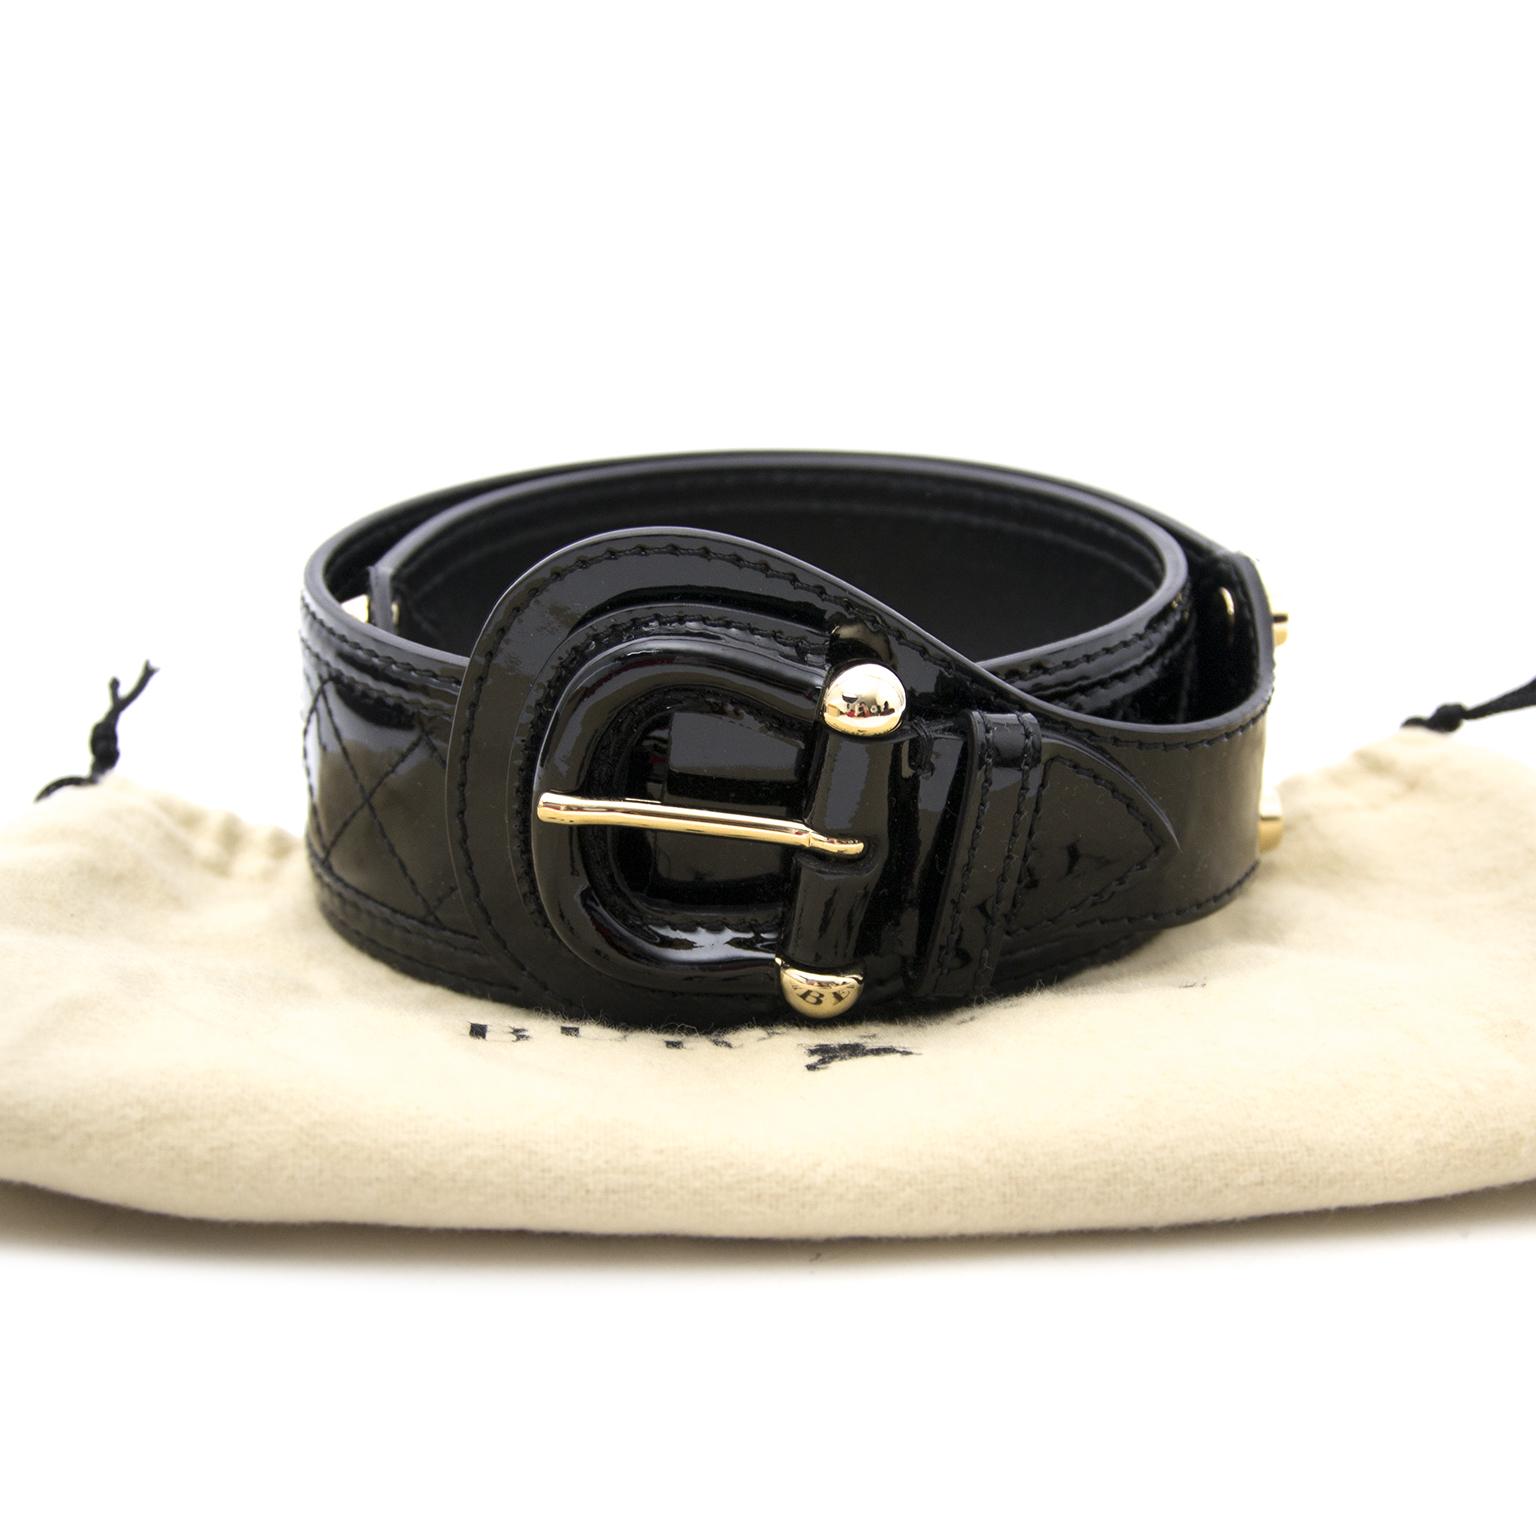 Burburry Zwarte Tailleriem nu online op labellov.com tegen de beste prijs.